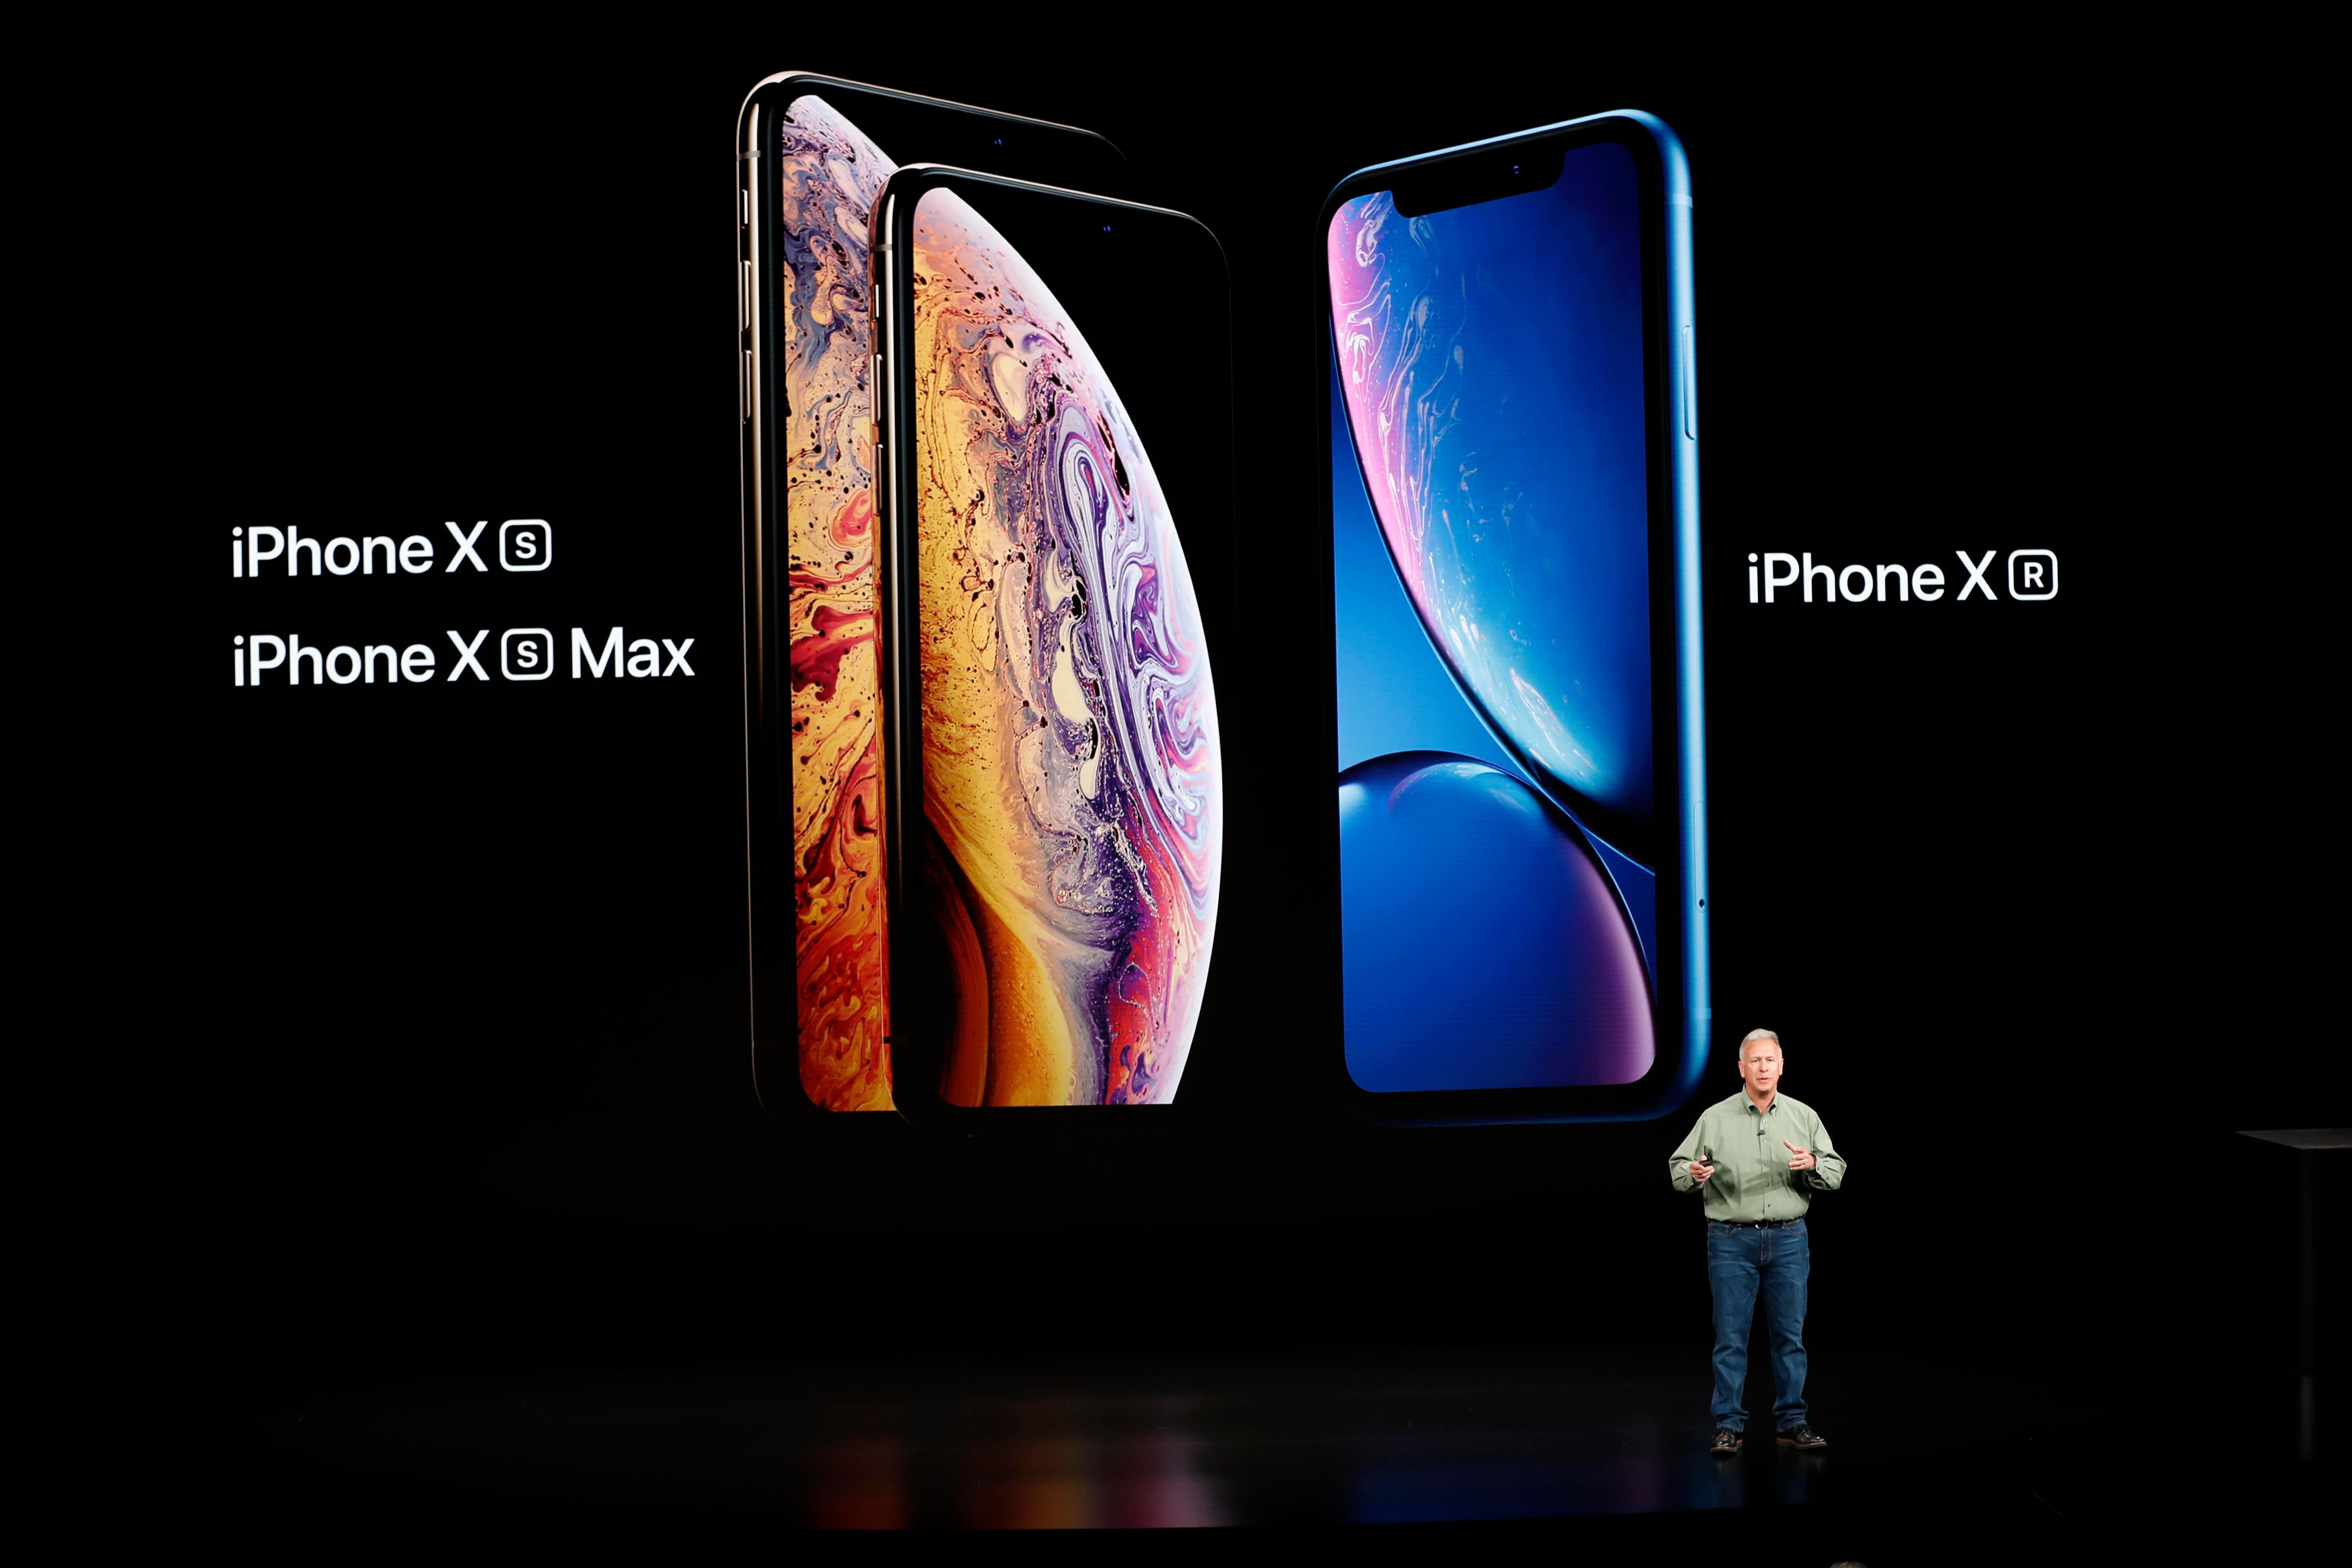 El año pasado Apple Los eventos vieron la introducción de tres nuevos modelos de iPhone